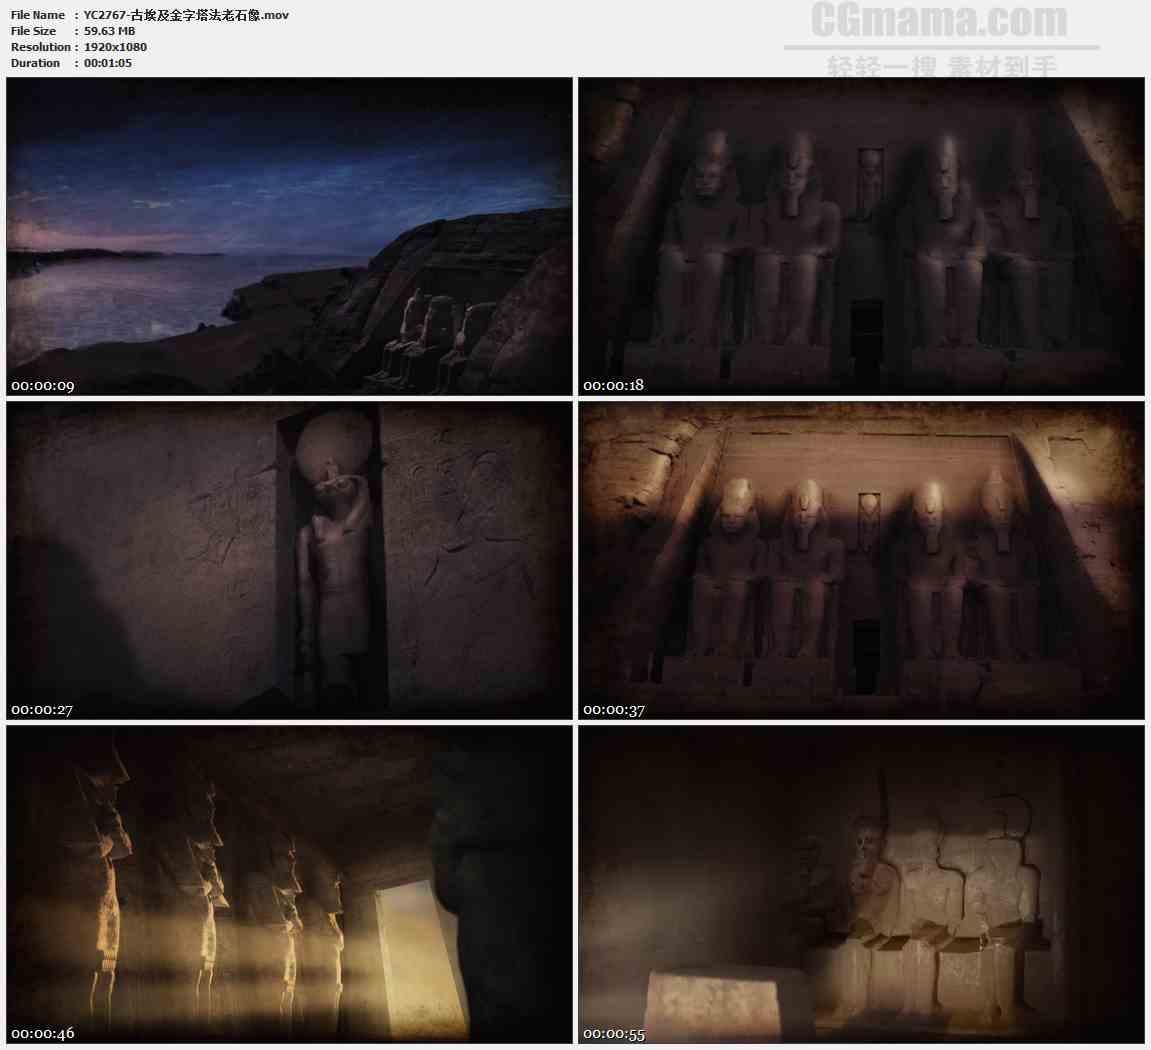 YC2767-古埃及金字塔法老石像高清实拍视频素材